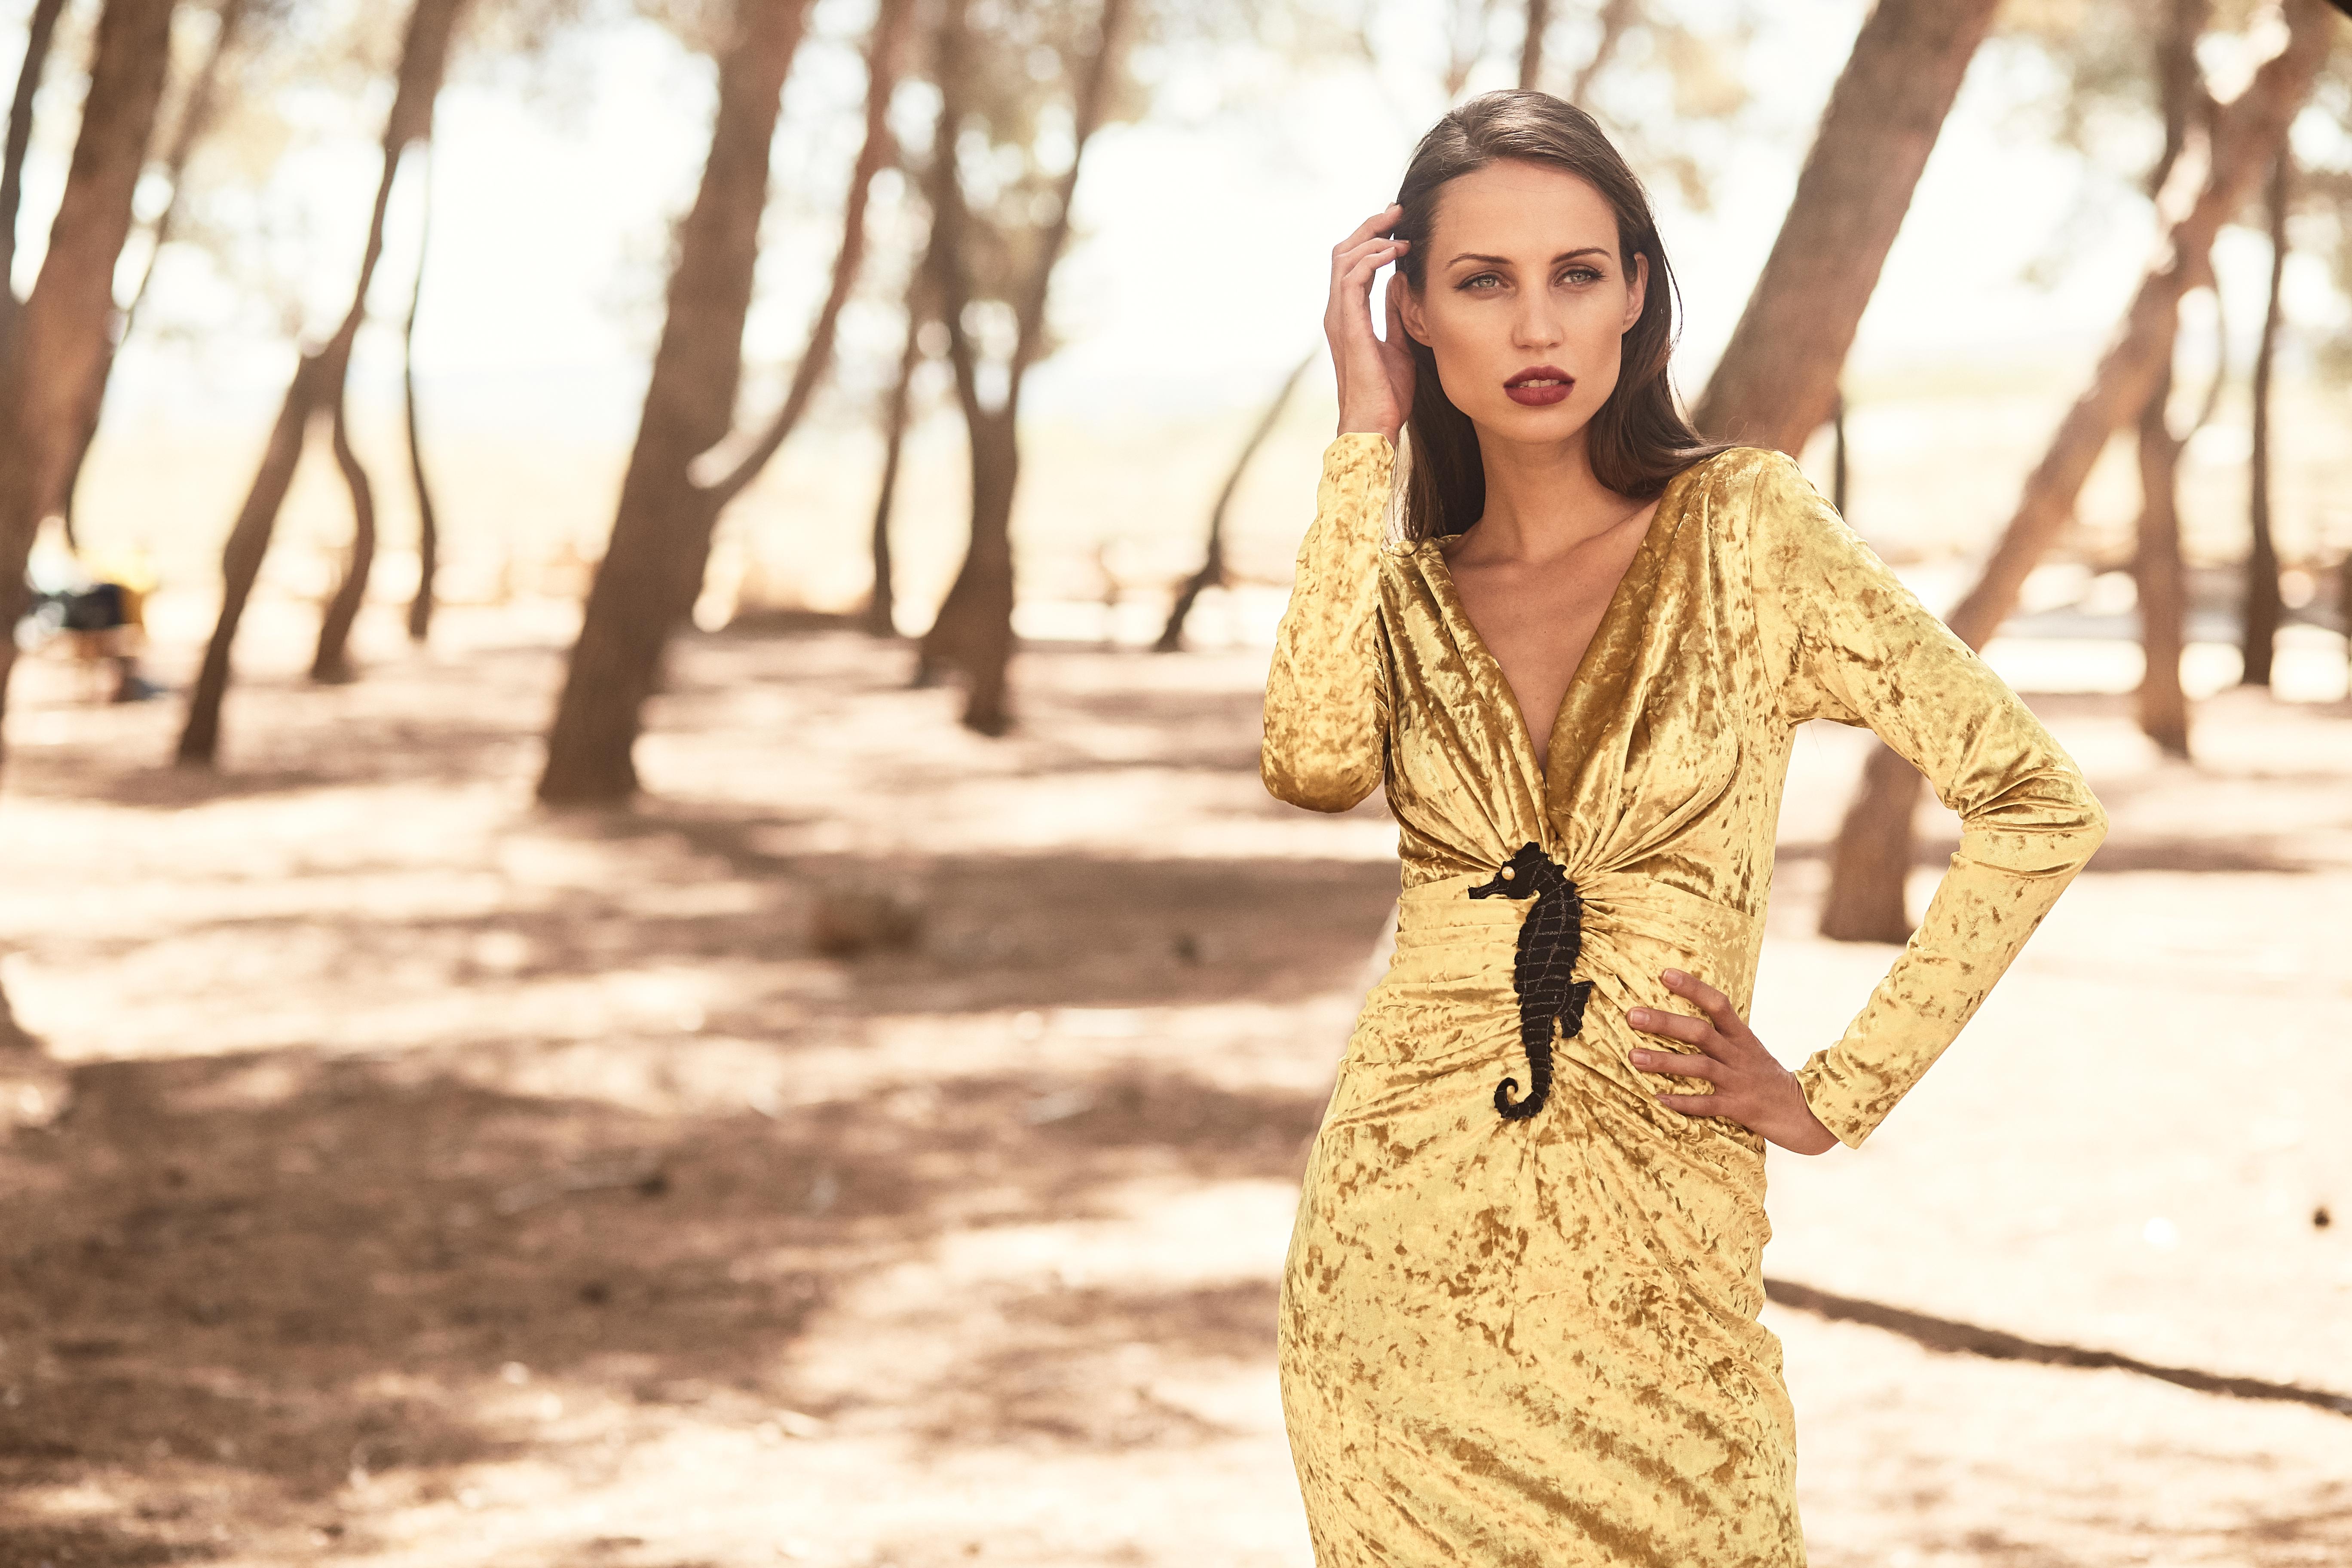 Déjate seducir por nuestra colección 'Lady Byron' y deslumbra este invierno